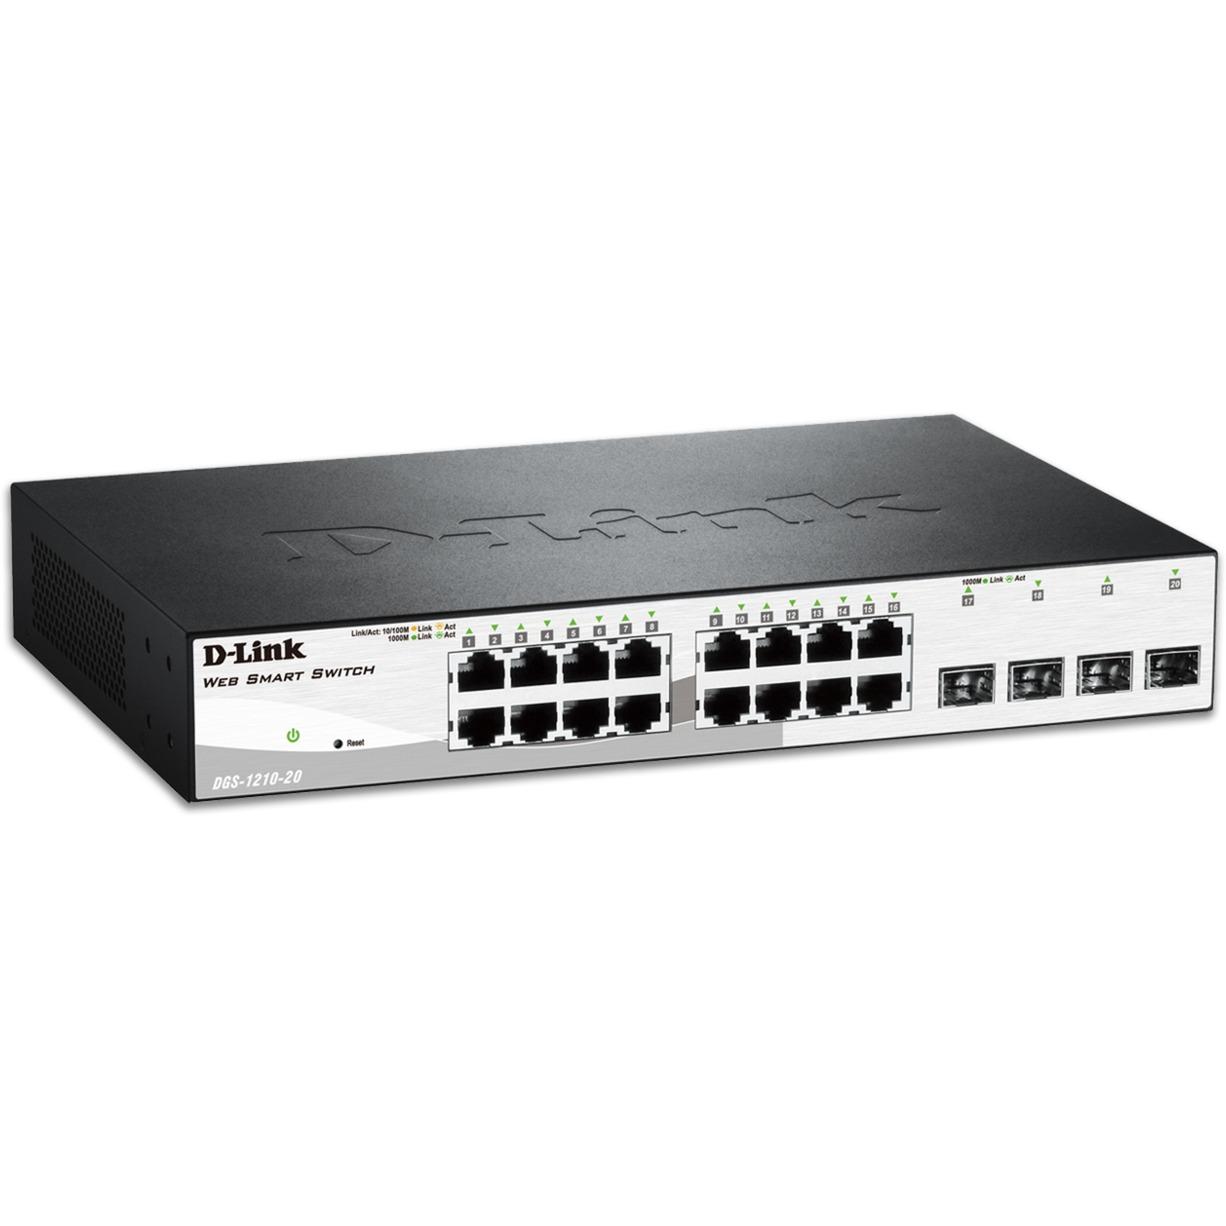 DGS-1210-20 Géré L2 1U Noir commutateur réseau